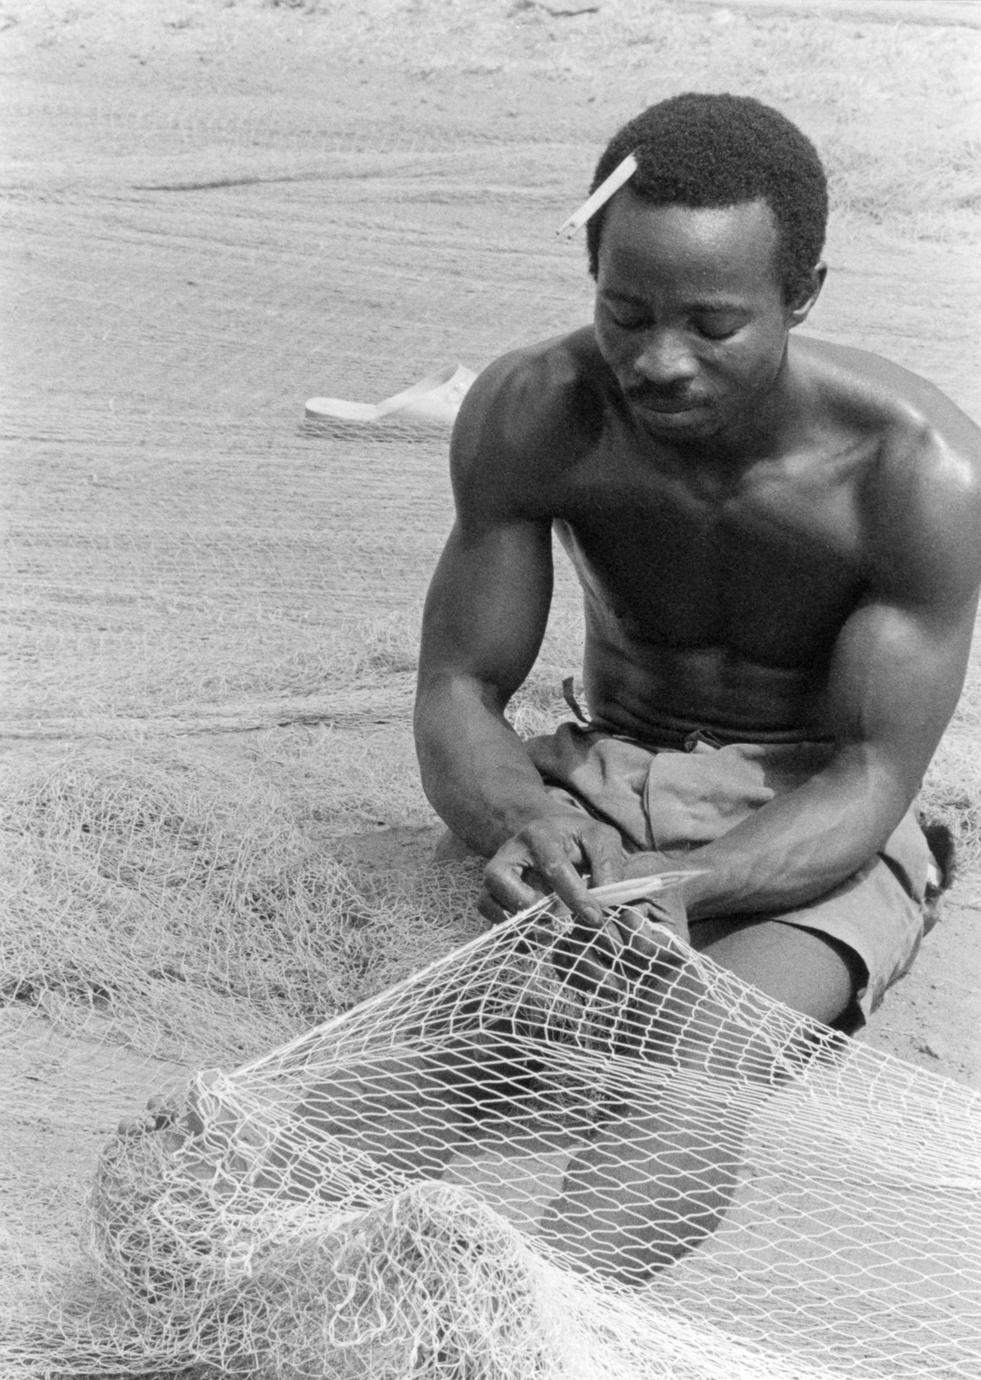 Man Mending Net for Ocean Fishing